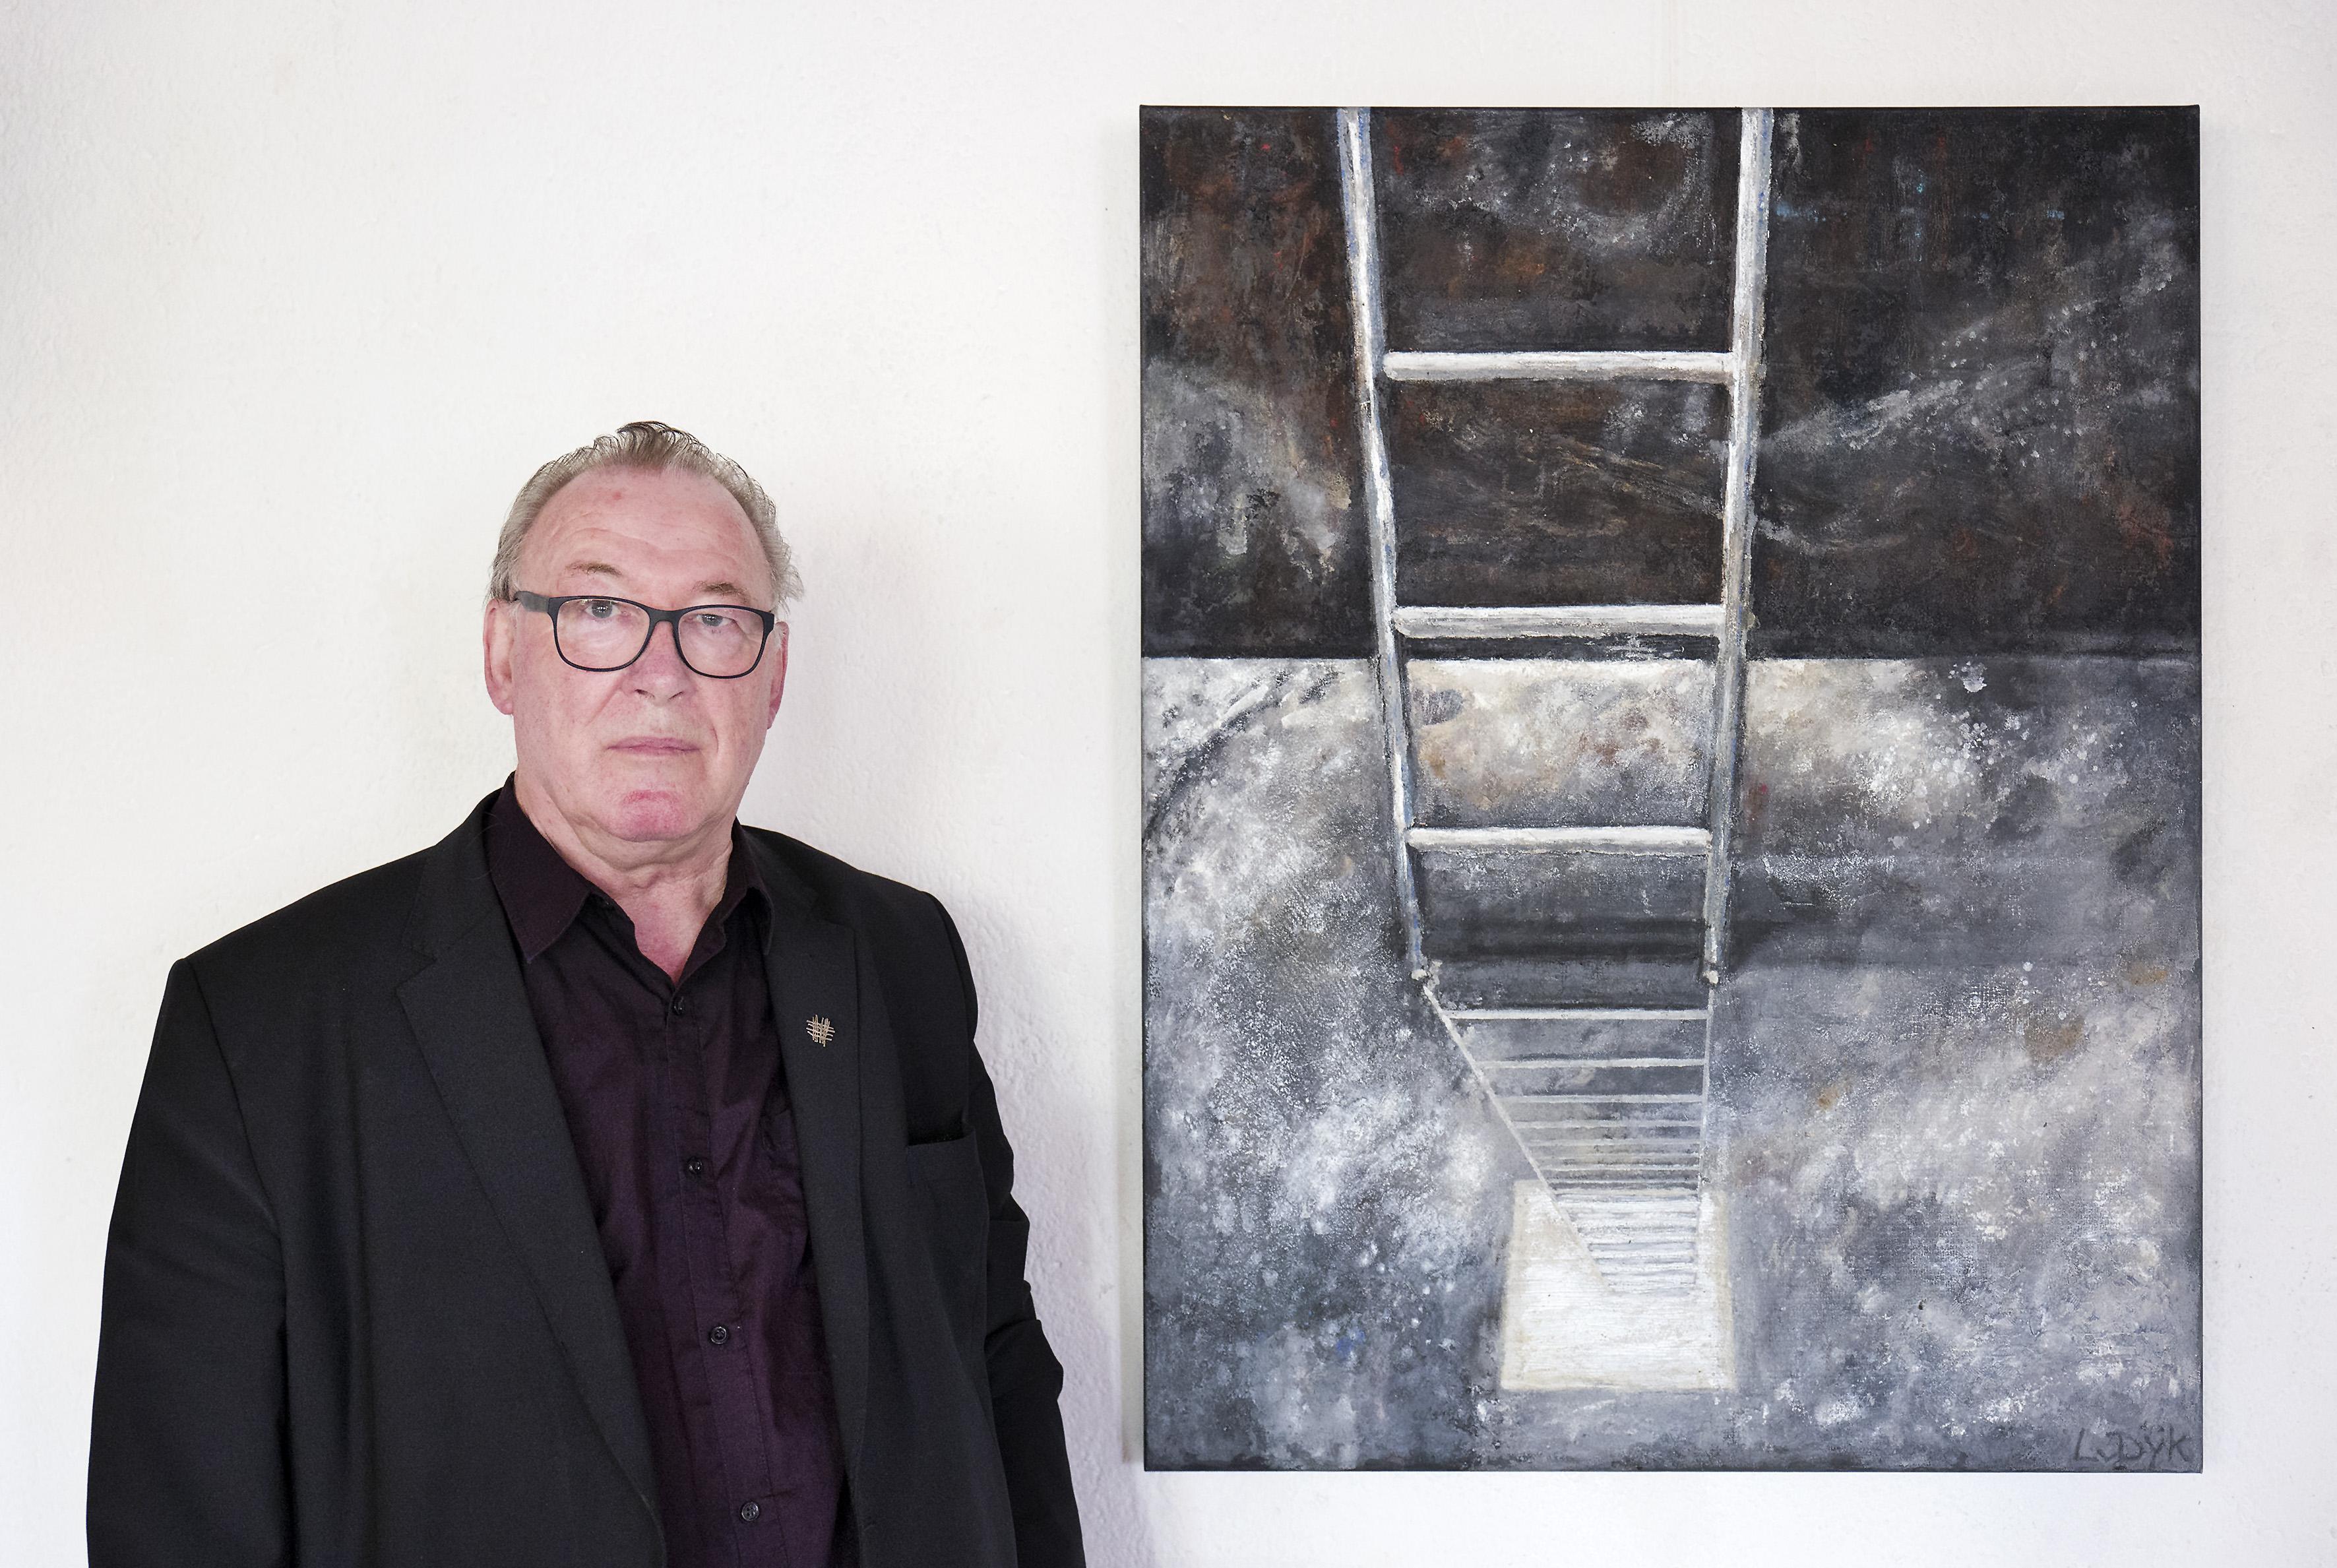 Kunstverzamelaar Meester stelt expositie in De Waag samen